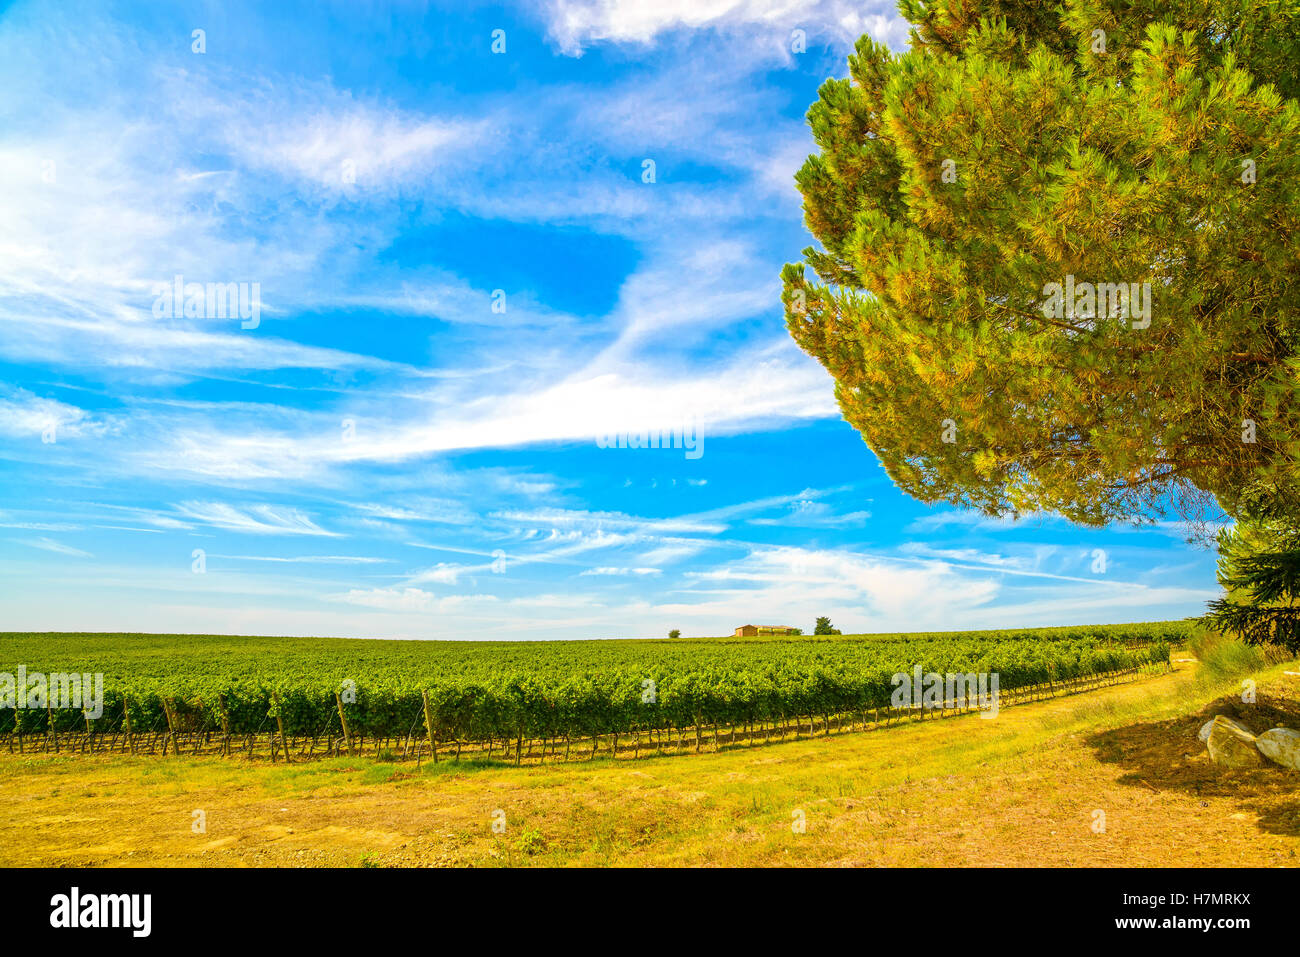 Chianti region, vineyard, pine tree and farm. Tuscany, Italy, Europe. - Stock Image